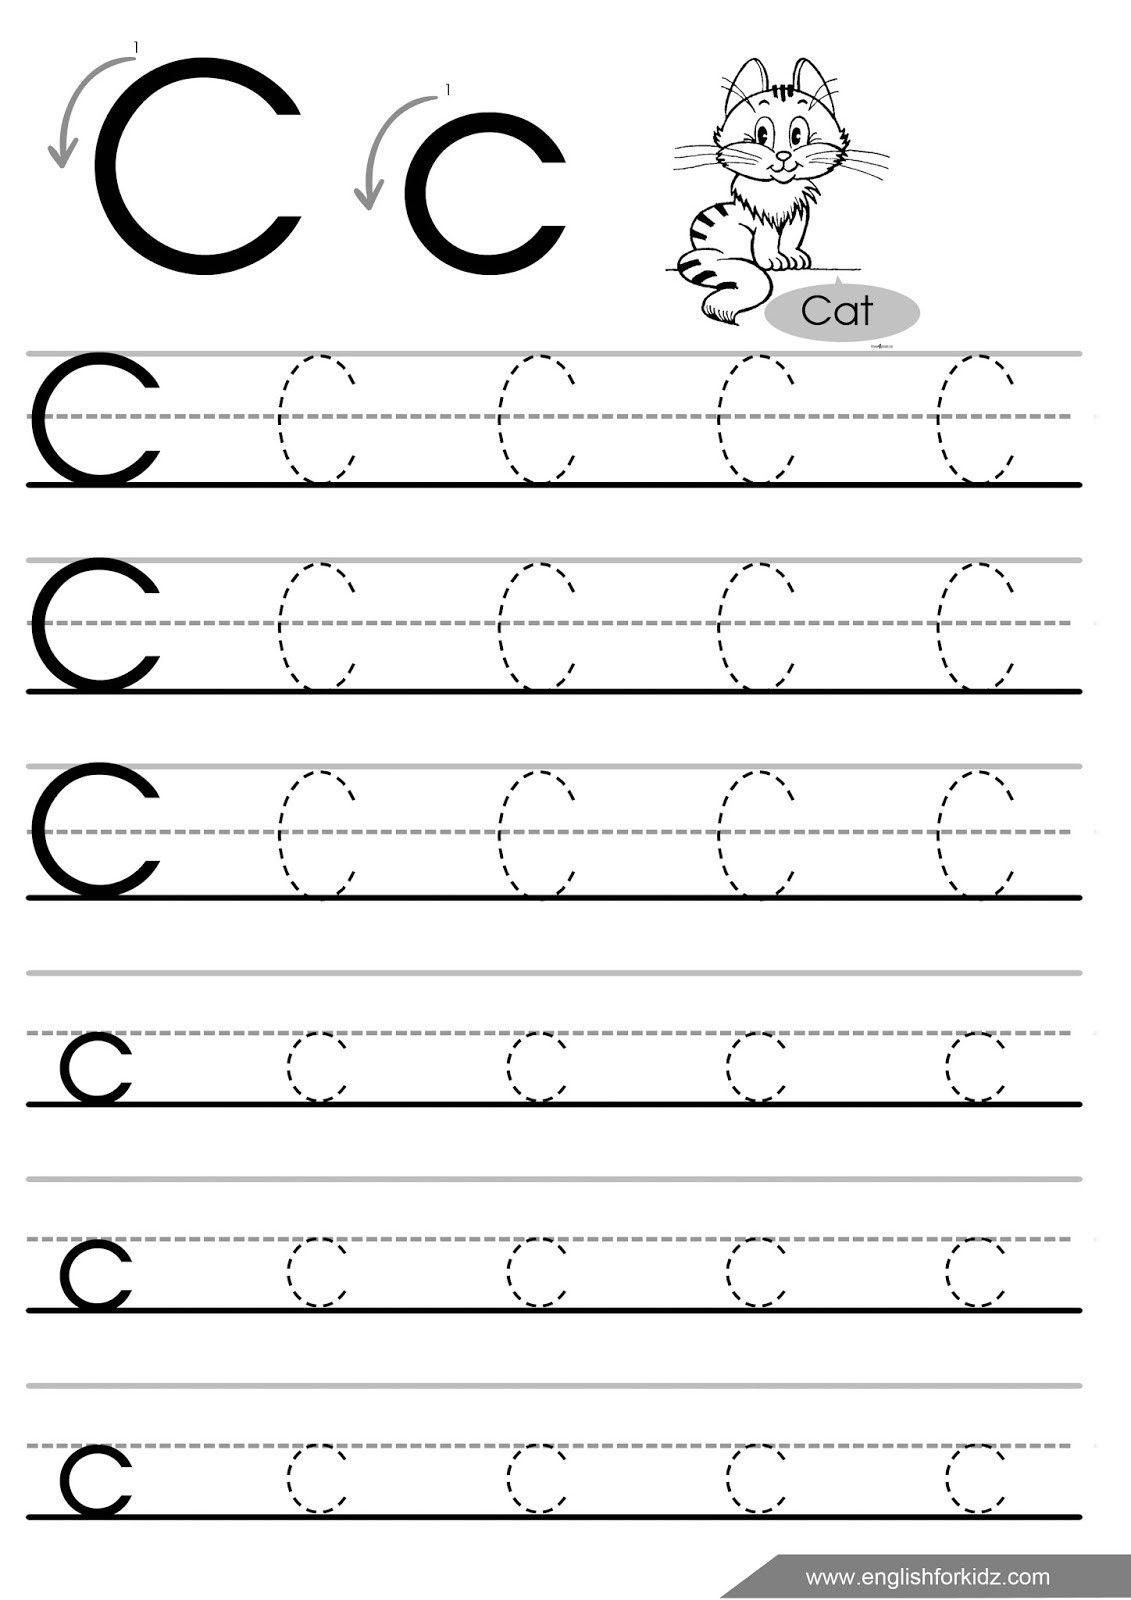 Letter C Worksheets For Kindergarten | Worksheet For within C Letter Tracing